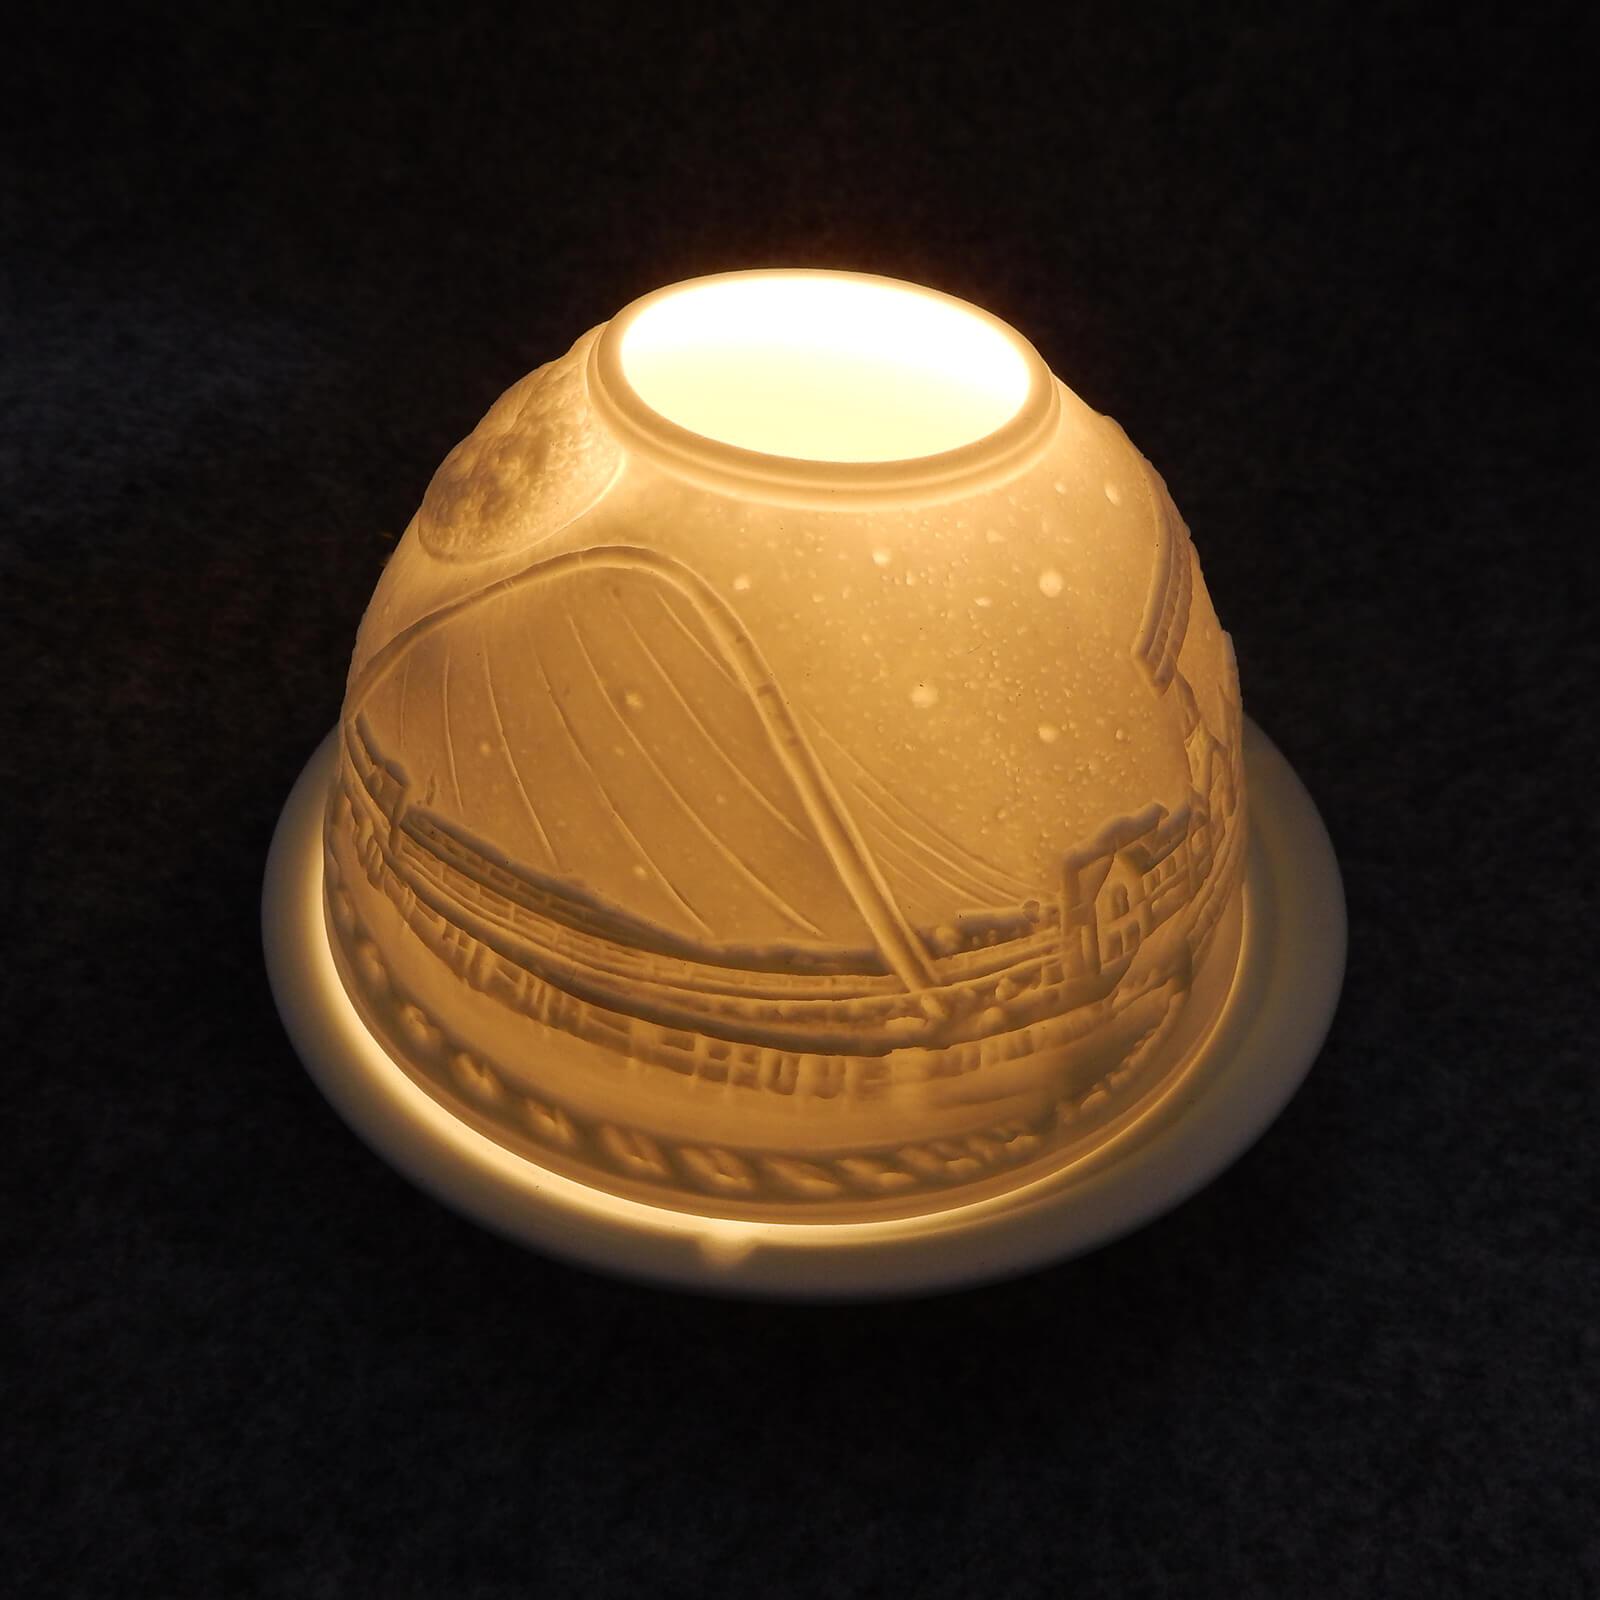 North East Landmarks Ceramic Ornamental Tea-light Holder